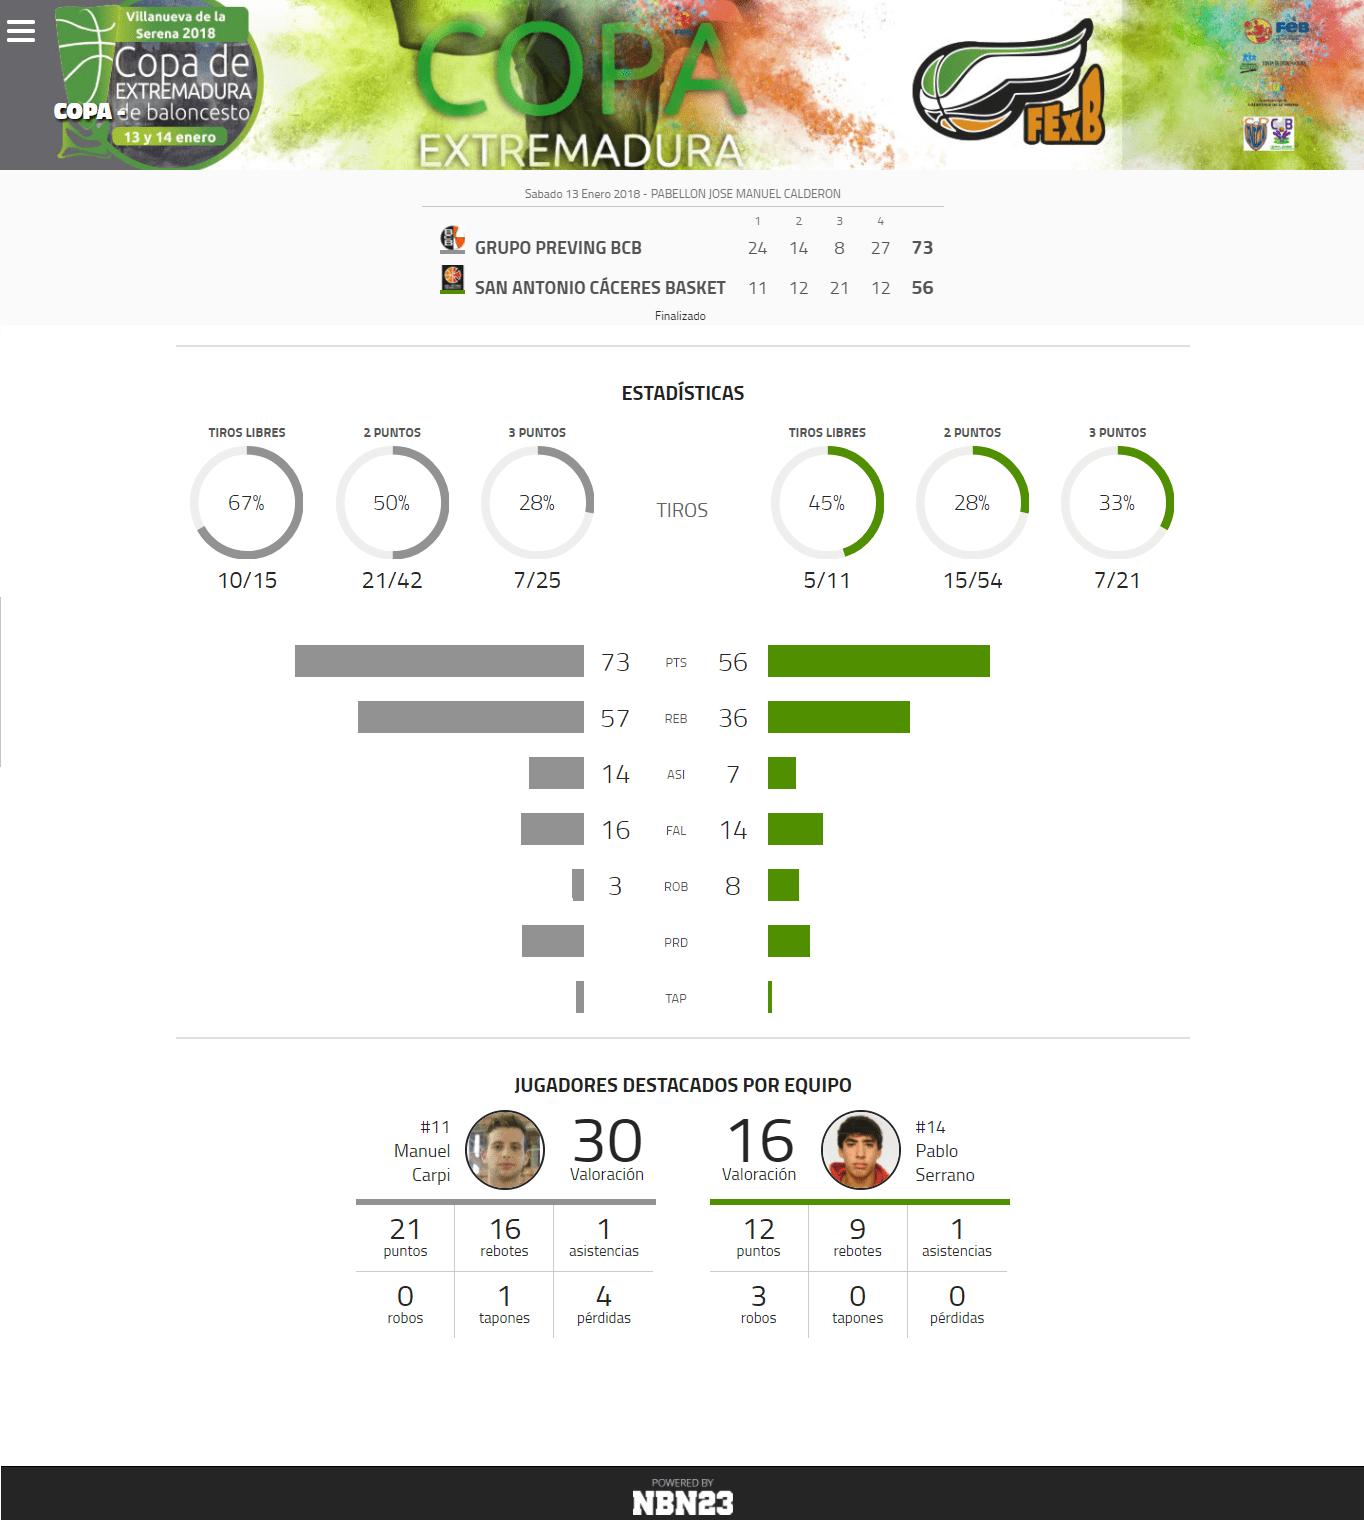 Estadísticas - GRUPO PREVING 73-56 SAN ANTONIO CÁCERES BASKET